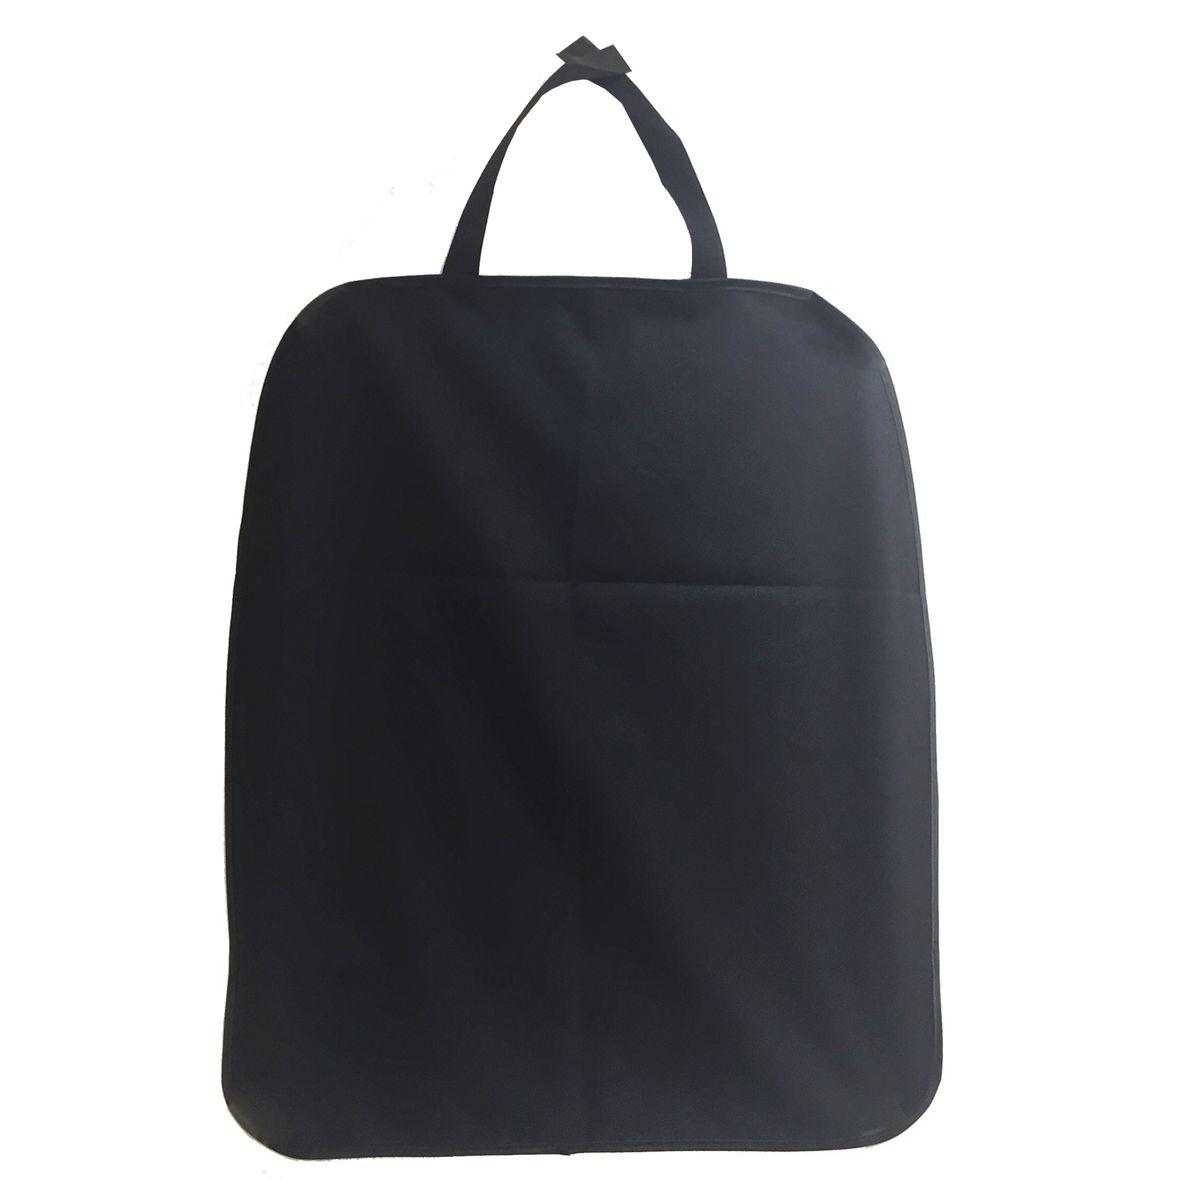 Накидка защитная Homsu, на спинку переднего сидения, цвет: черный, 44 x 50 смHOM-688Накидка HOMSU предназначена для защиты от грязи и повреждений спинки переднего сиденья. Сшита накидка из прочного черного материала, она легко снимается и одевается на кресло, по мере необходимости ее можно стирать. Накидка HOMSU на спинку сидения защитит от загрязнений во время перевозки в автомобиле маленьких детей, так как сидя в детском кресле, они зачастую ногами упираются в спинку переднего сидения. В том числе накидка пригодится владельцам домашних животных. Размер изделия:44x50x1см